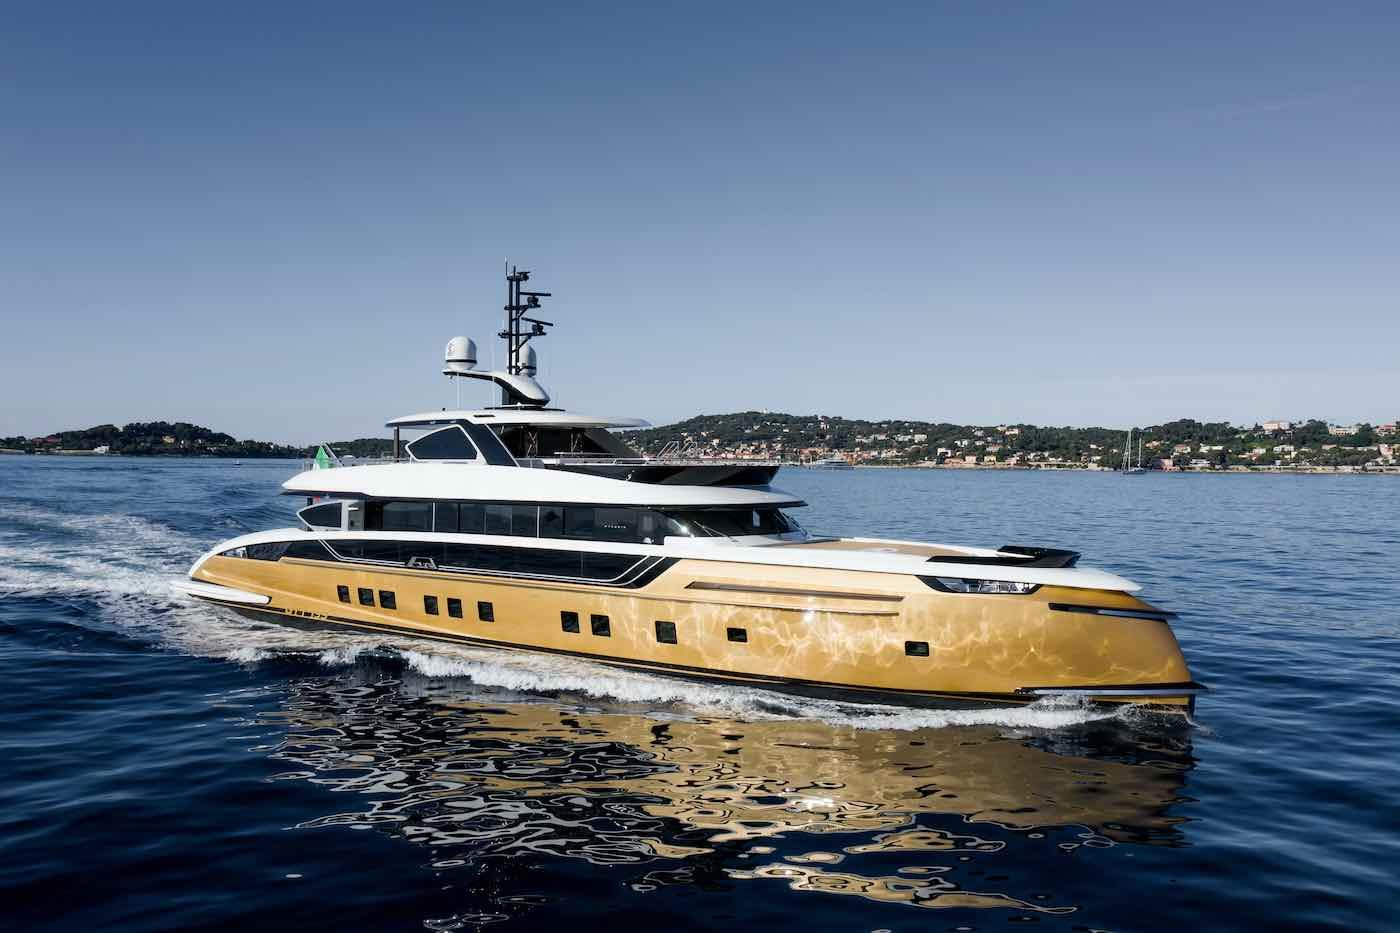 La exclusiva paleta de colores de oro metálico y marrón oscuro exterior lo distingue de todos los yates blancos que hay en el mar.